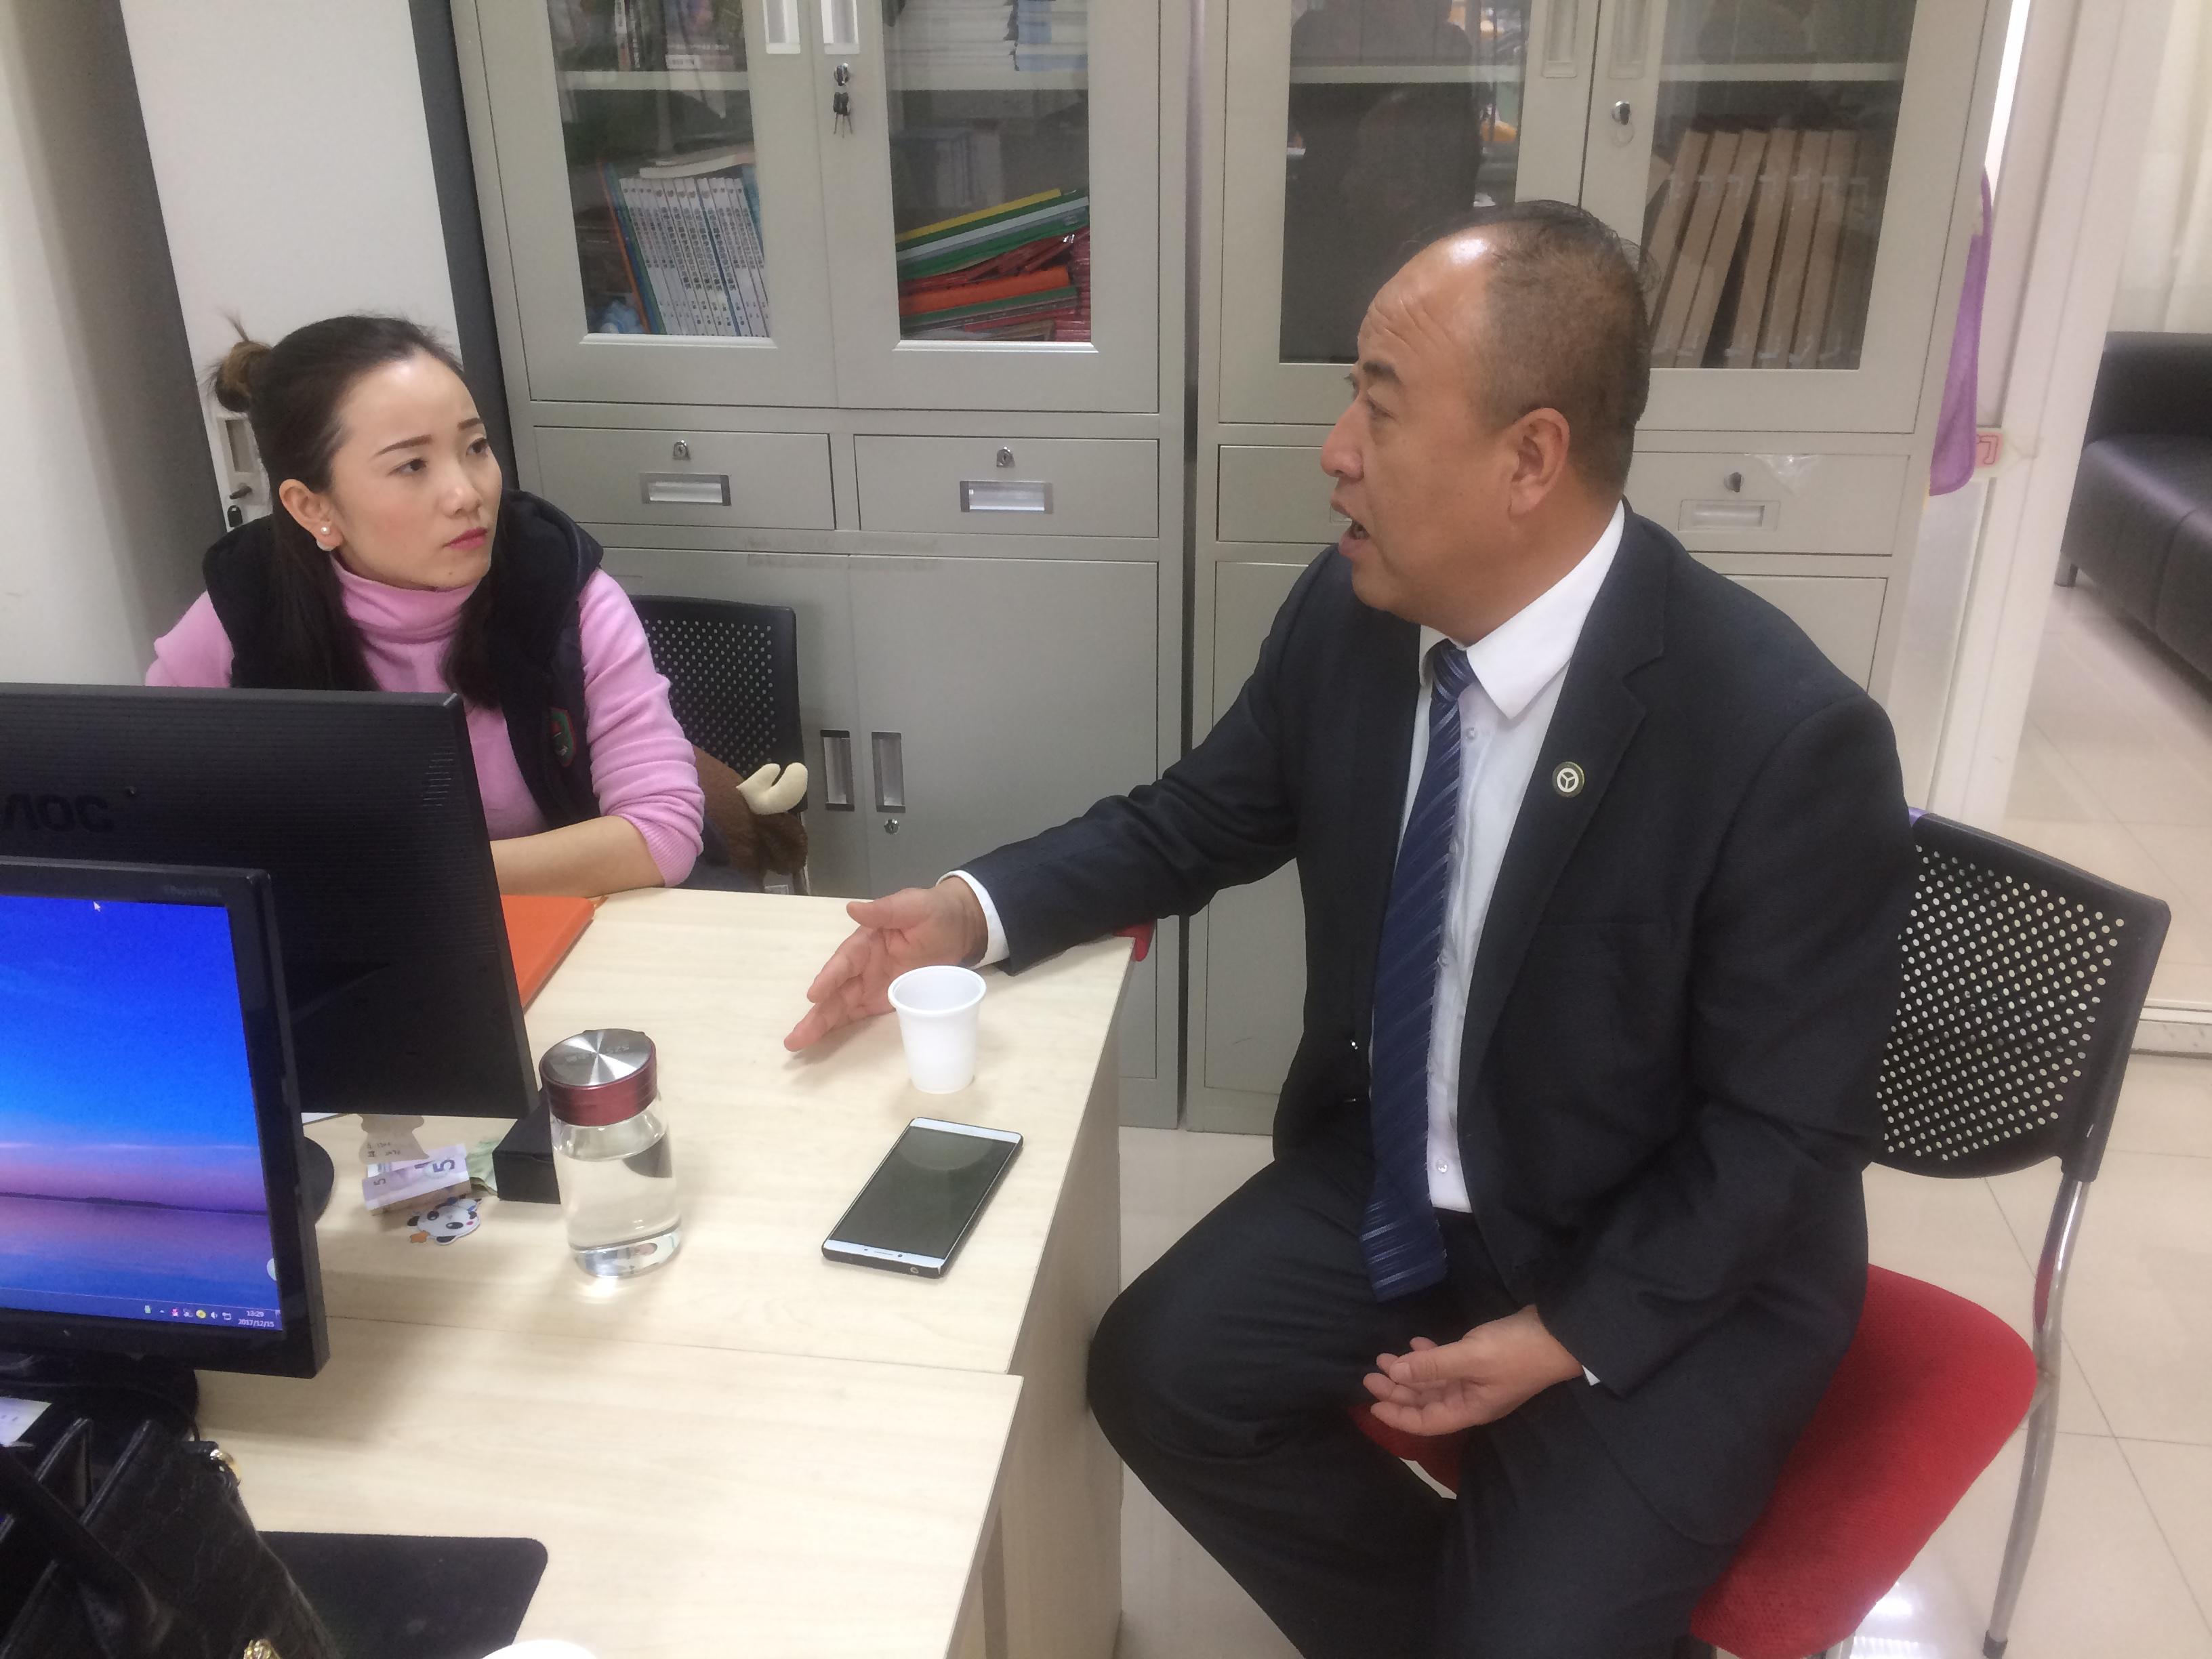 葫芦岛律师排行榜 葫芦岛律师排名 中顾法律网律师频道